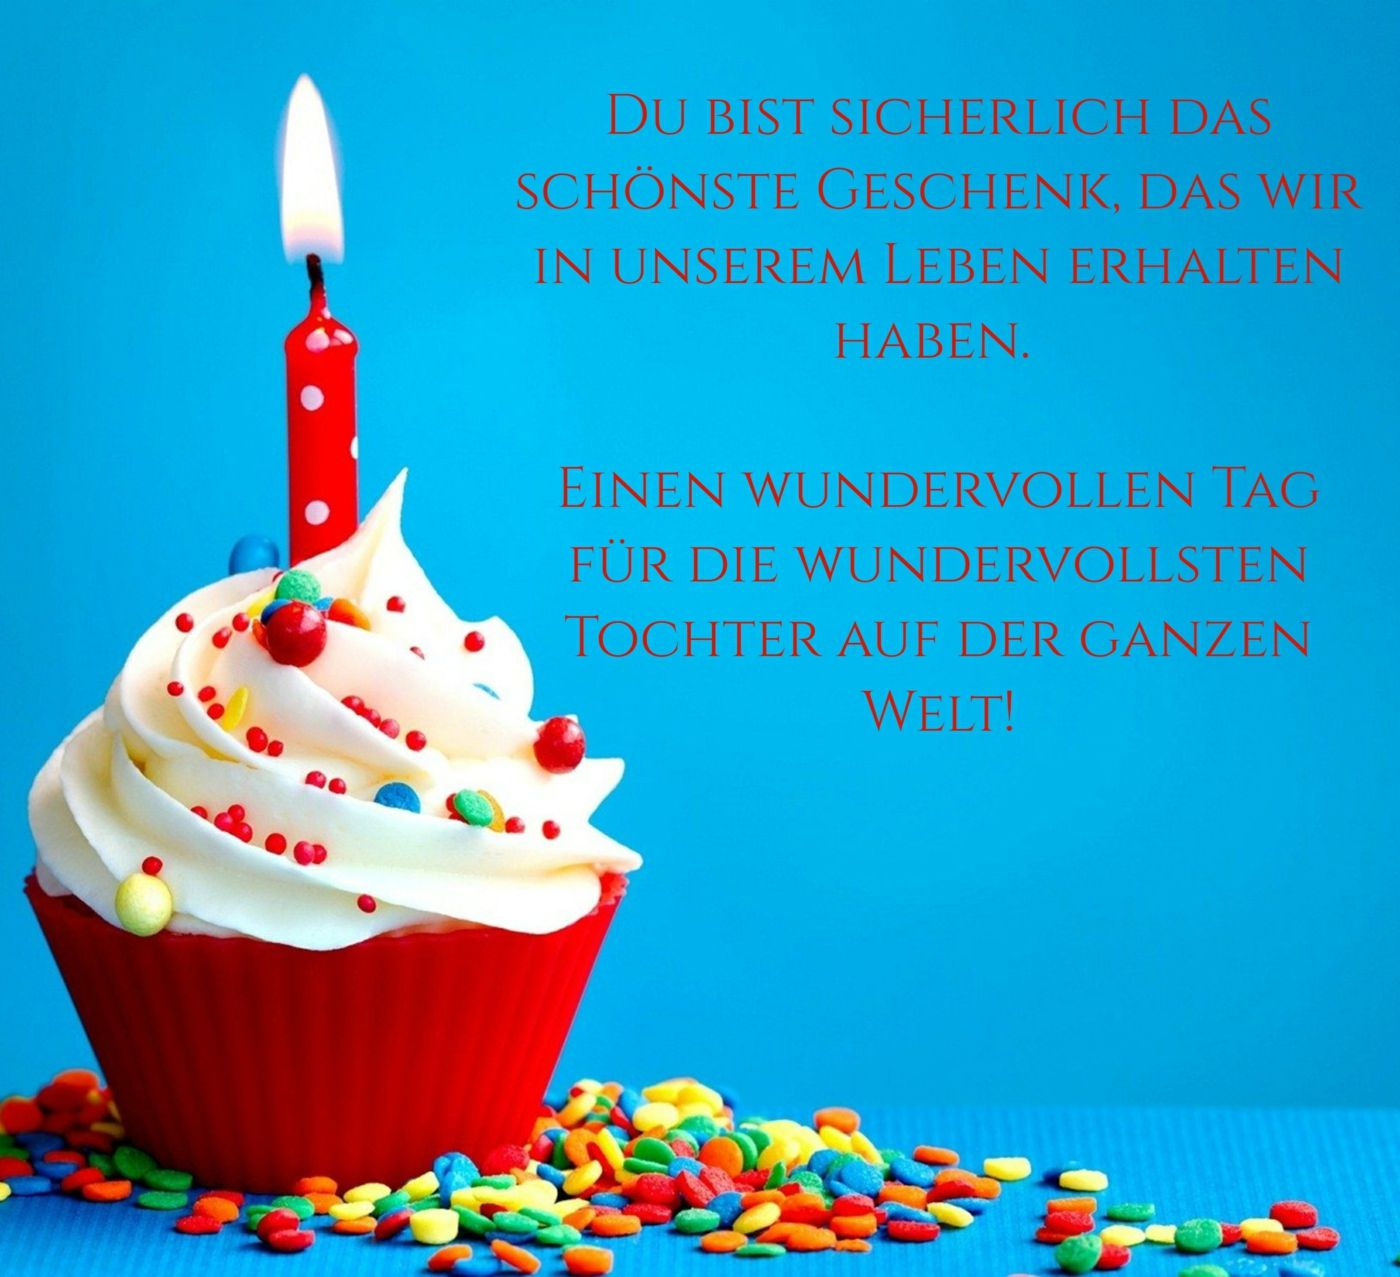 Geburtstagswunsche Fur Tochter Mit Bild Von Einem Cupcake Mit Kerze Du Bist D Liebevolle Geburtstagswunsche Geburtstagswunsche Geburtstagswunsche Tochter